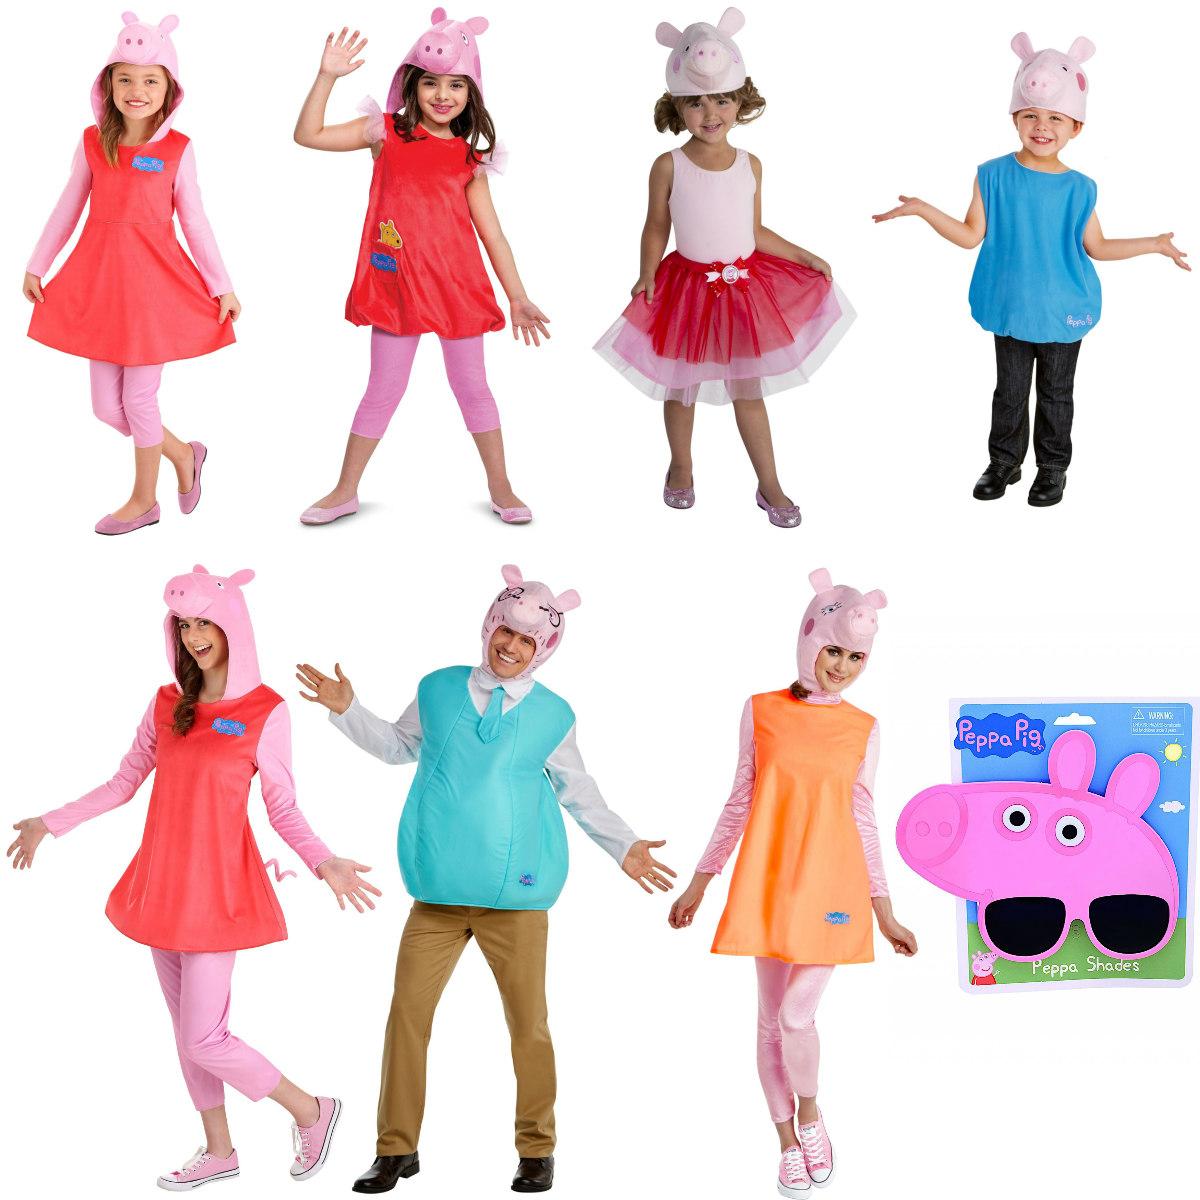 Peppa Pig Costumes